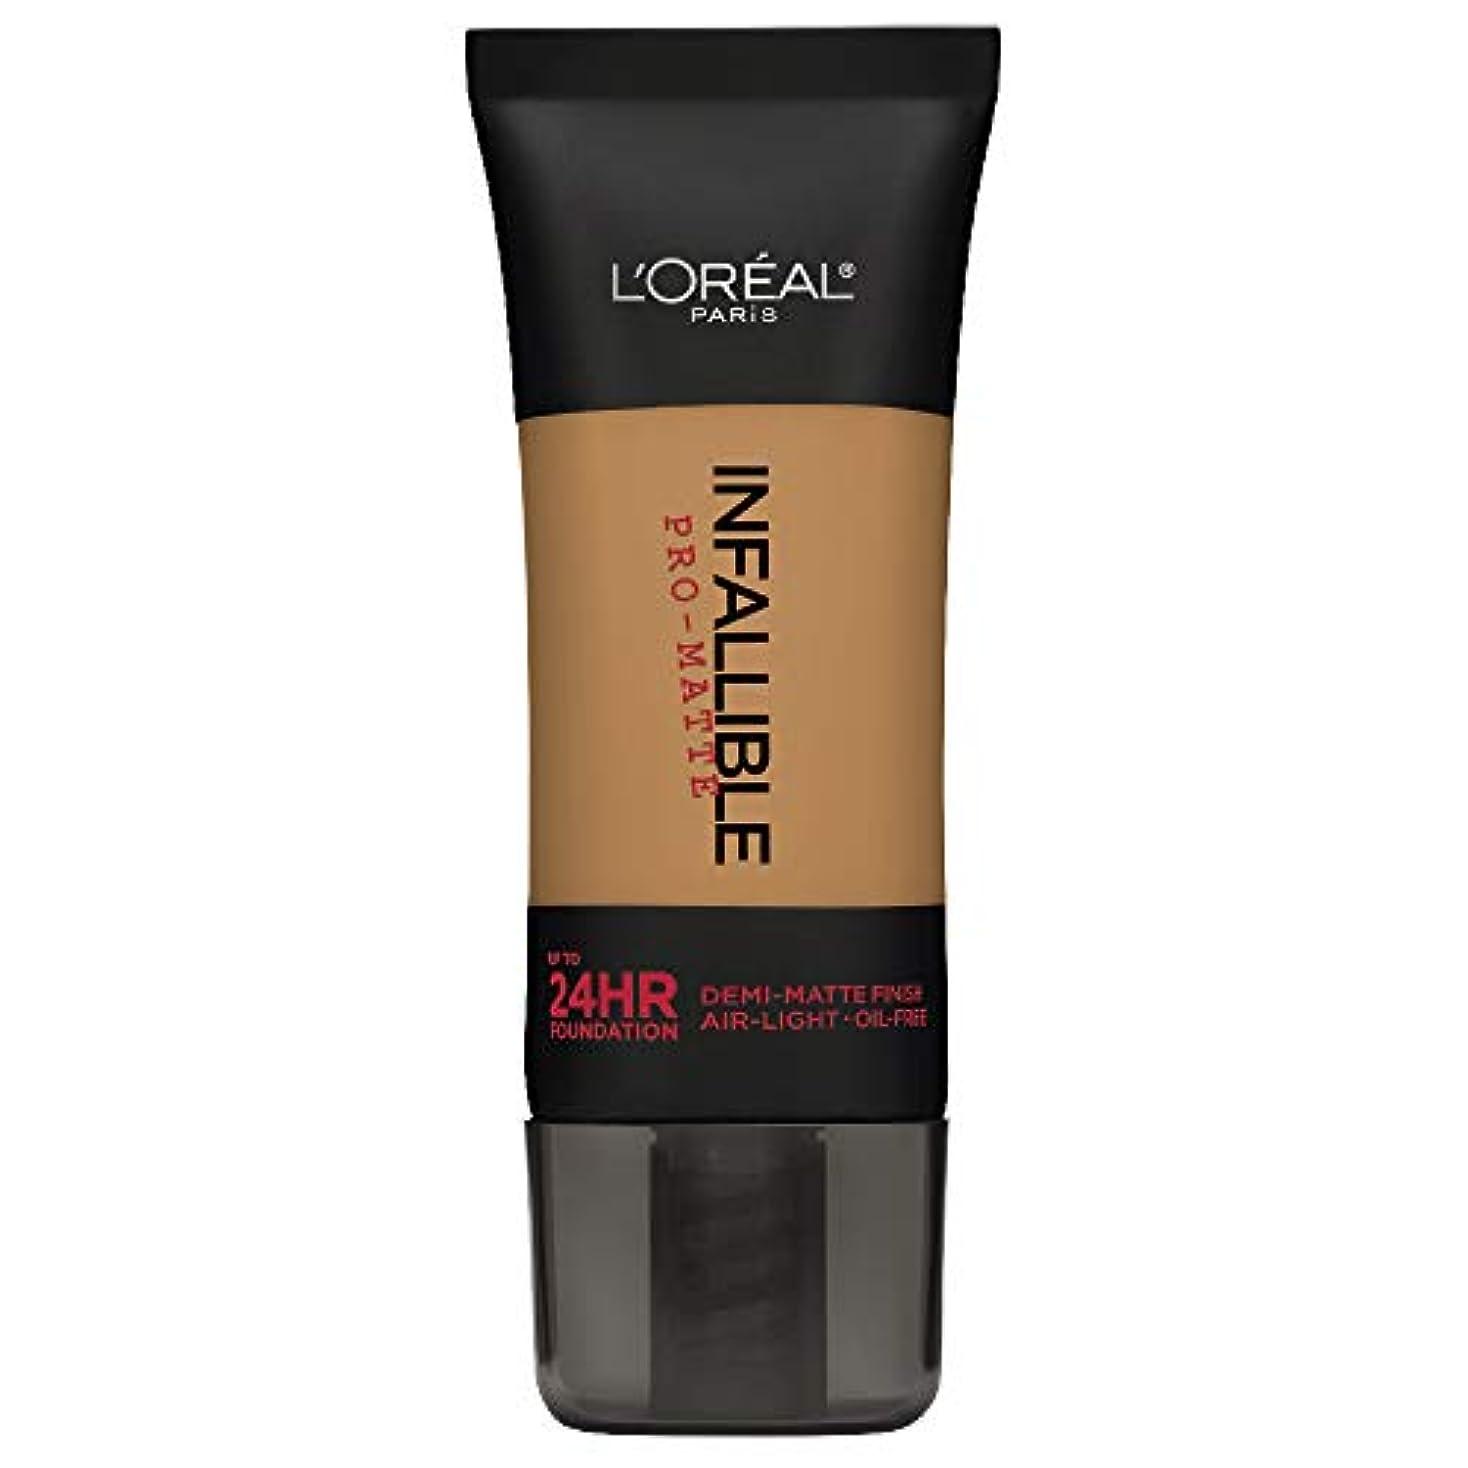 主導権専ら神秘L'Oreal Paris Infallible Pro-Matte Foundation Makeup, 108 Caramel Beige, 1 fl. oz[並行輸入品]